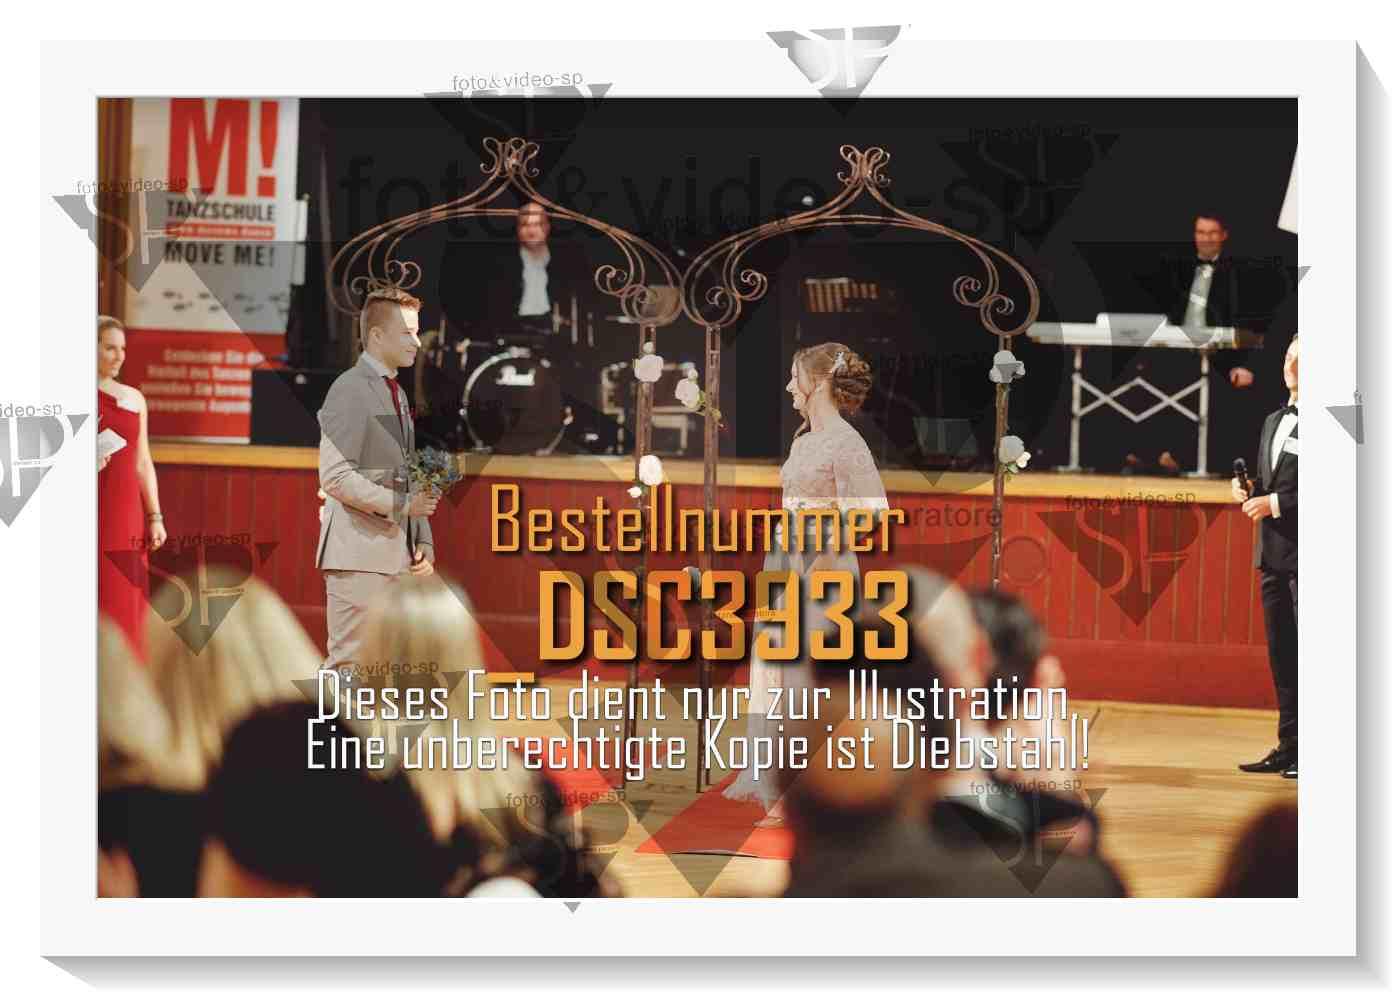 DSC3933